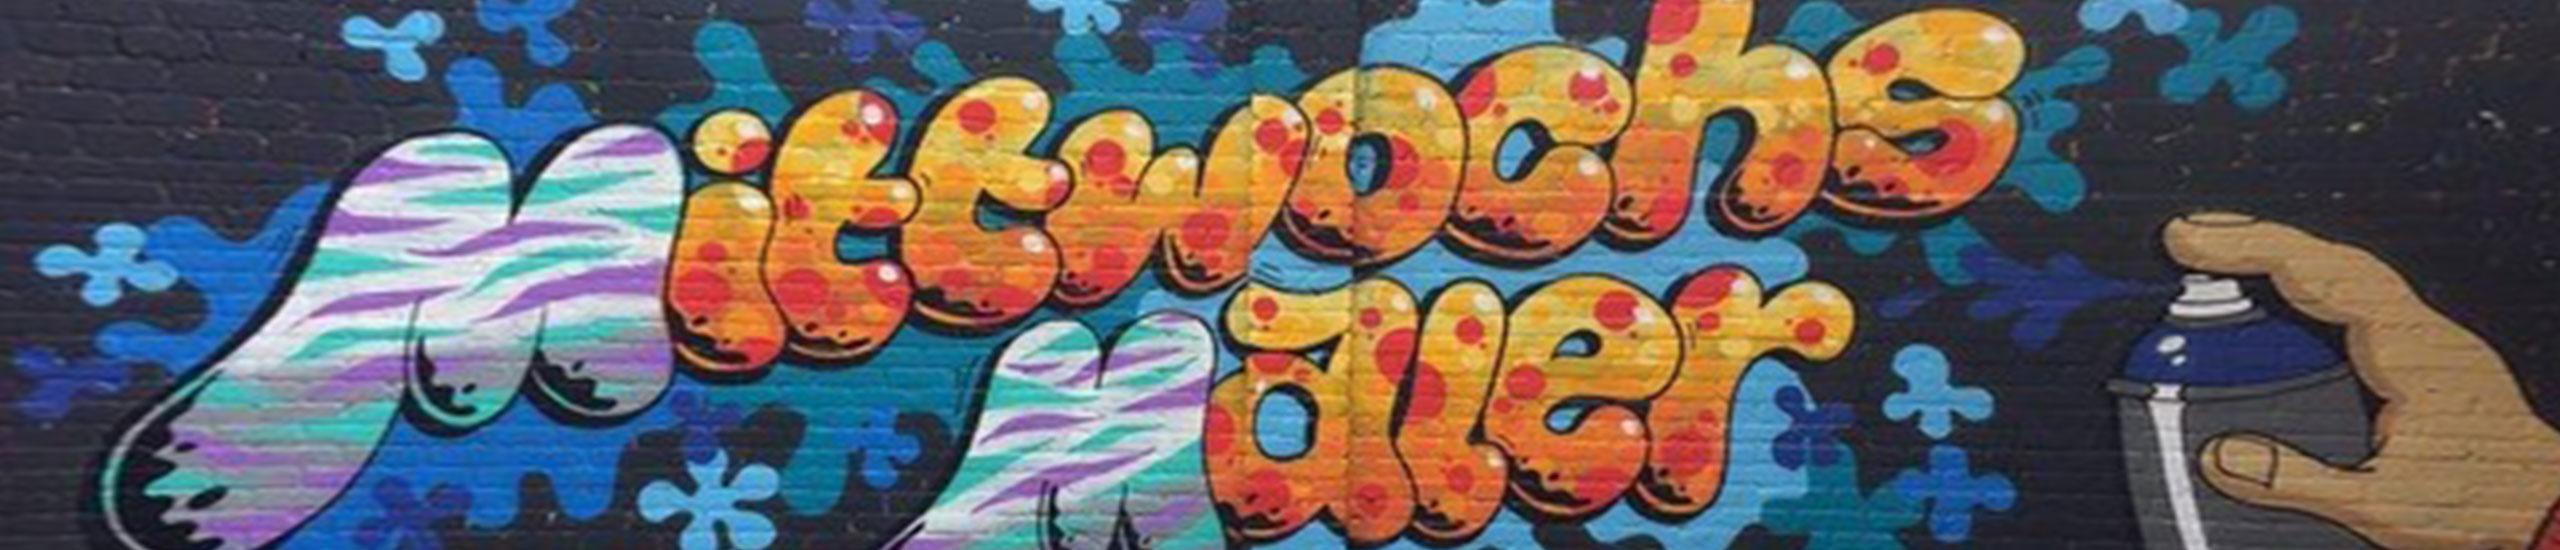 Graffitiprojekt MittwochsMaler